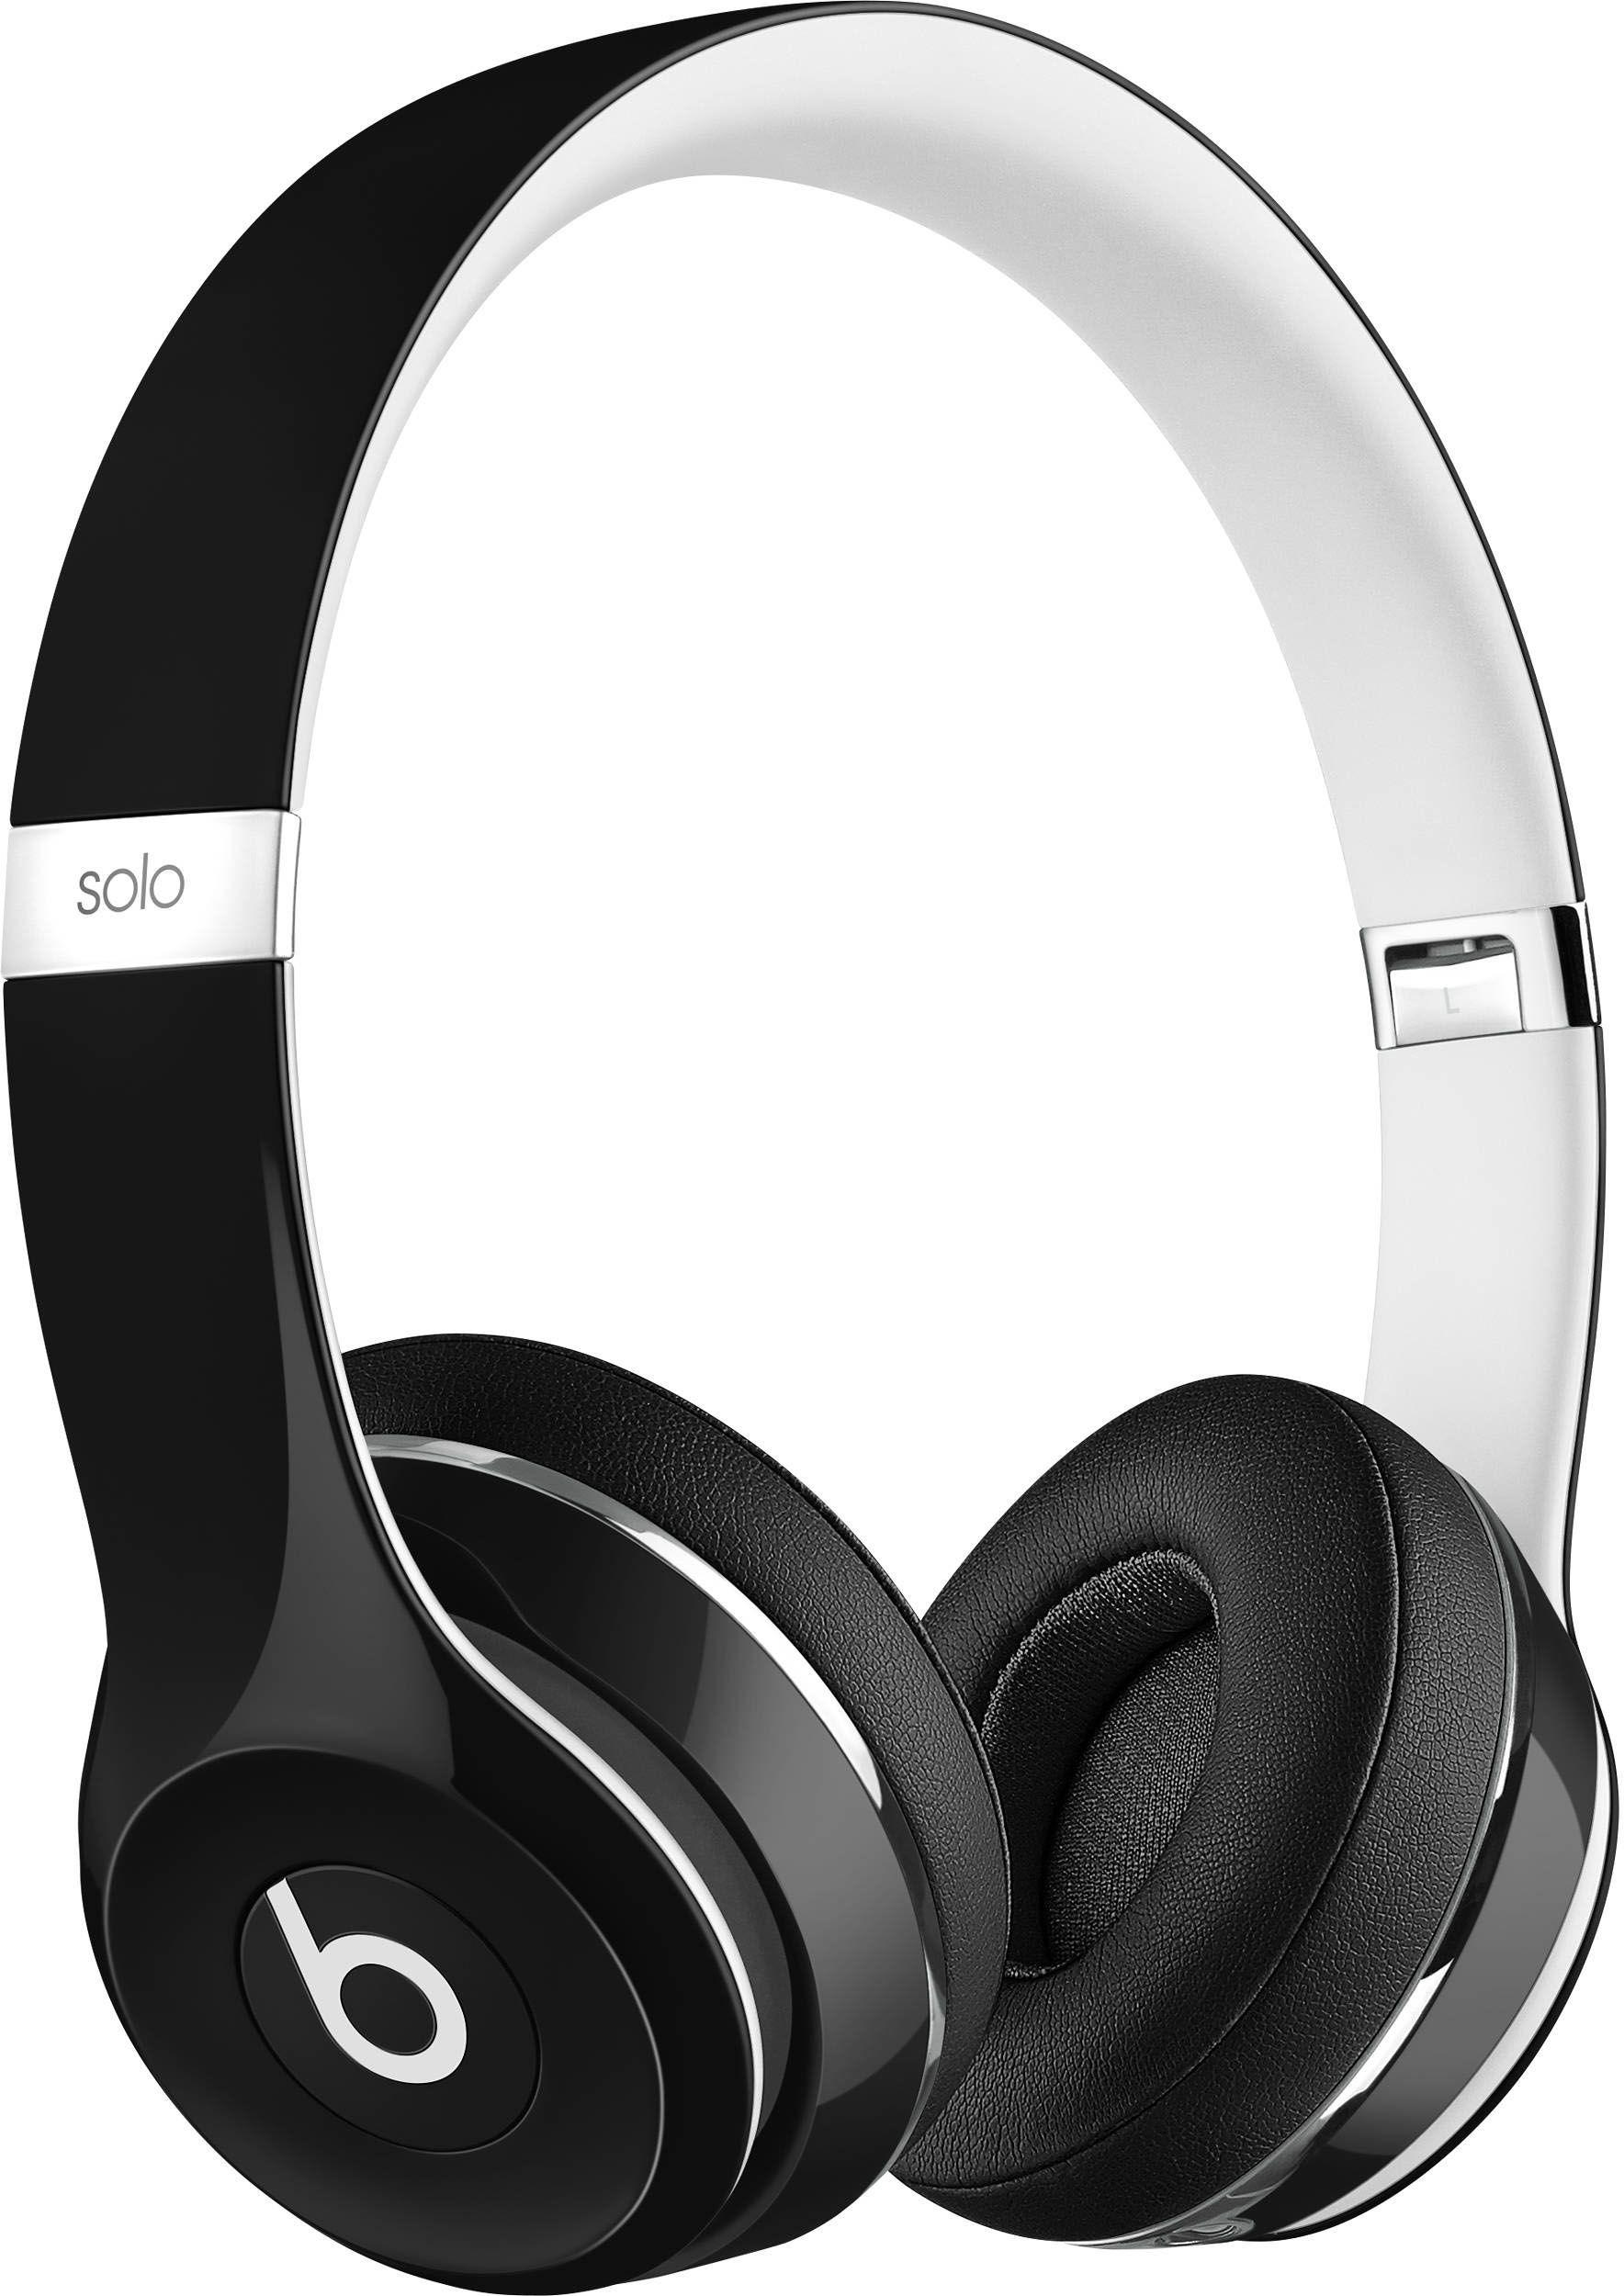 Beats Solo2 - купить наушники  цены 2d354c0a42a43